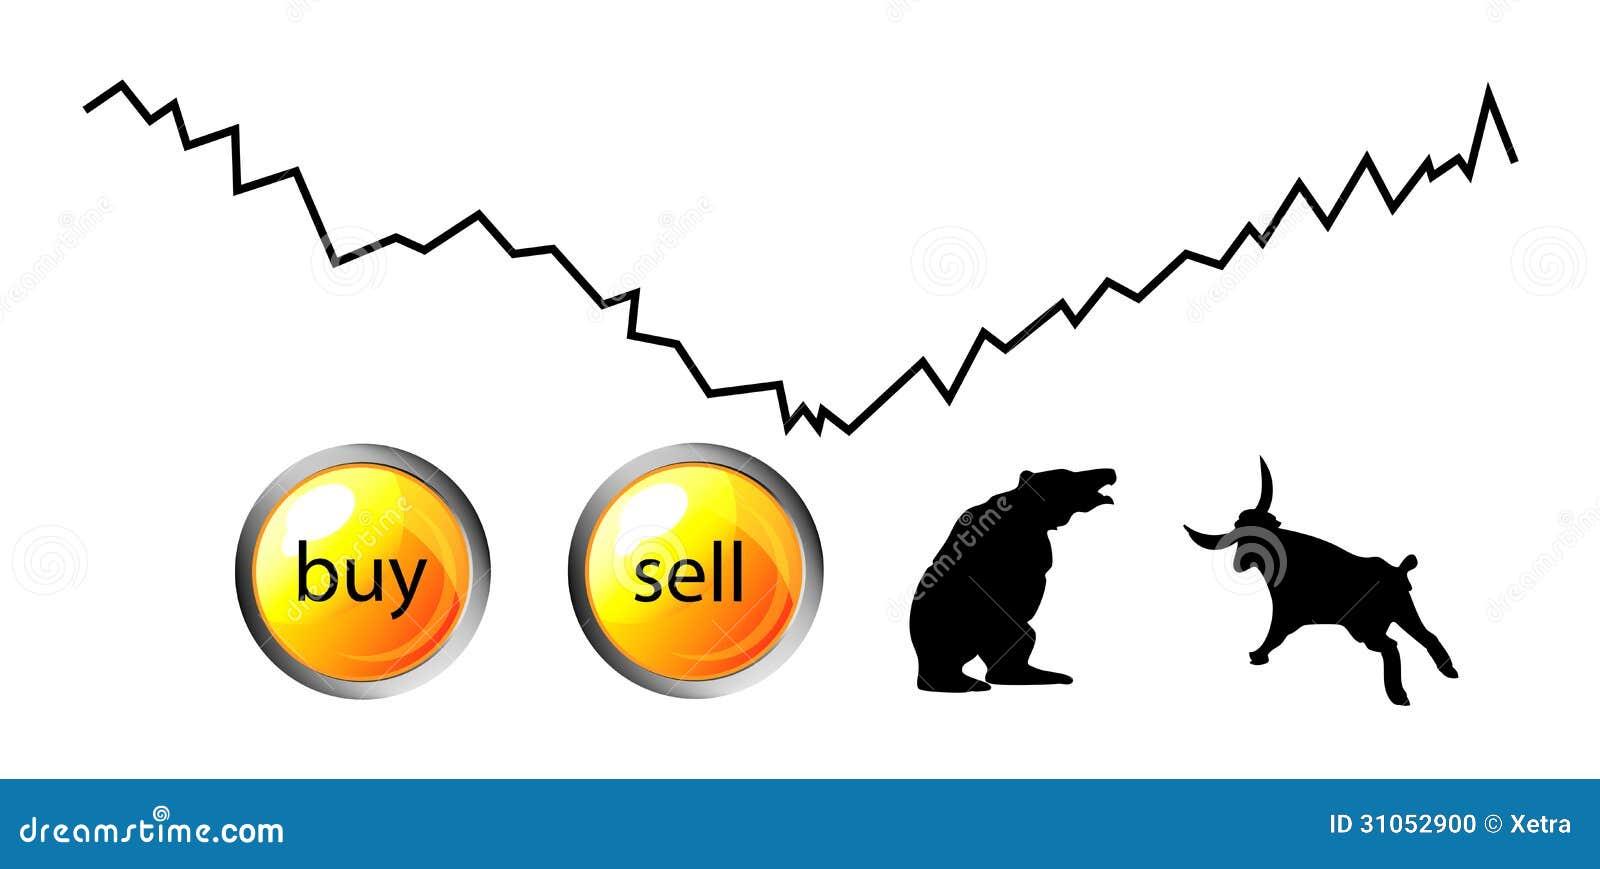 Optionen handeln mit kanadischen aktienoptionen foto 5